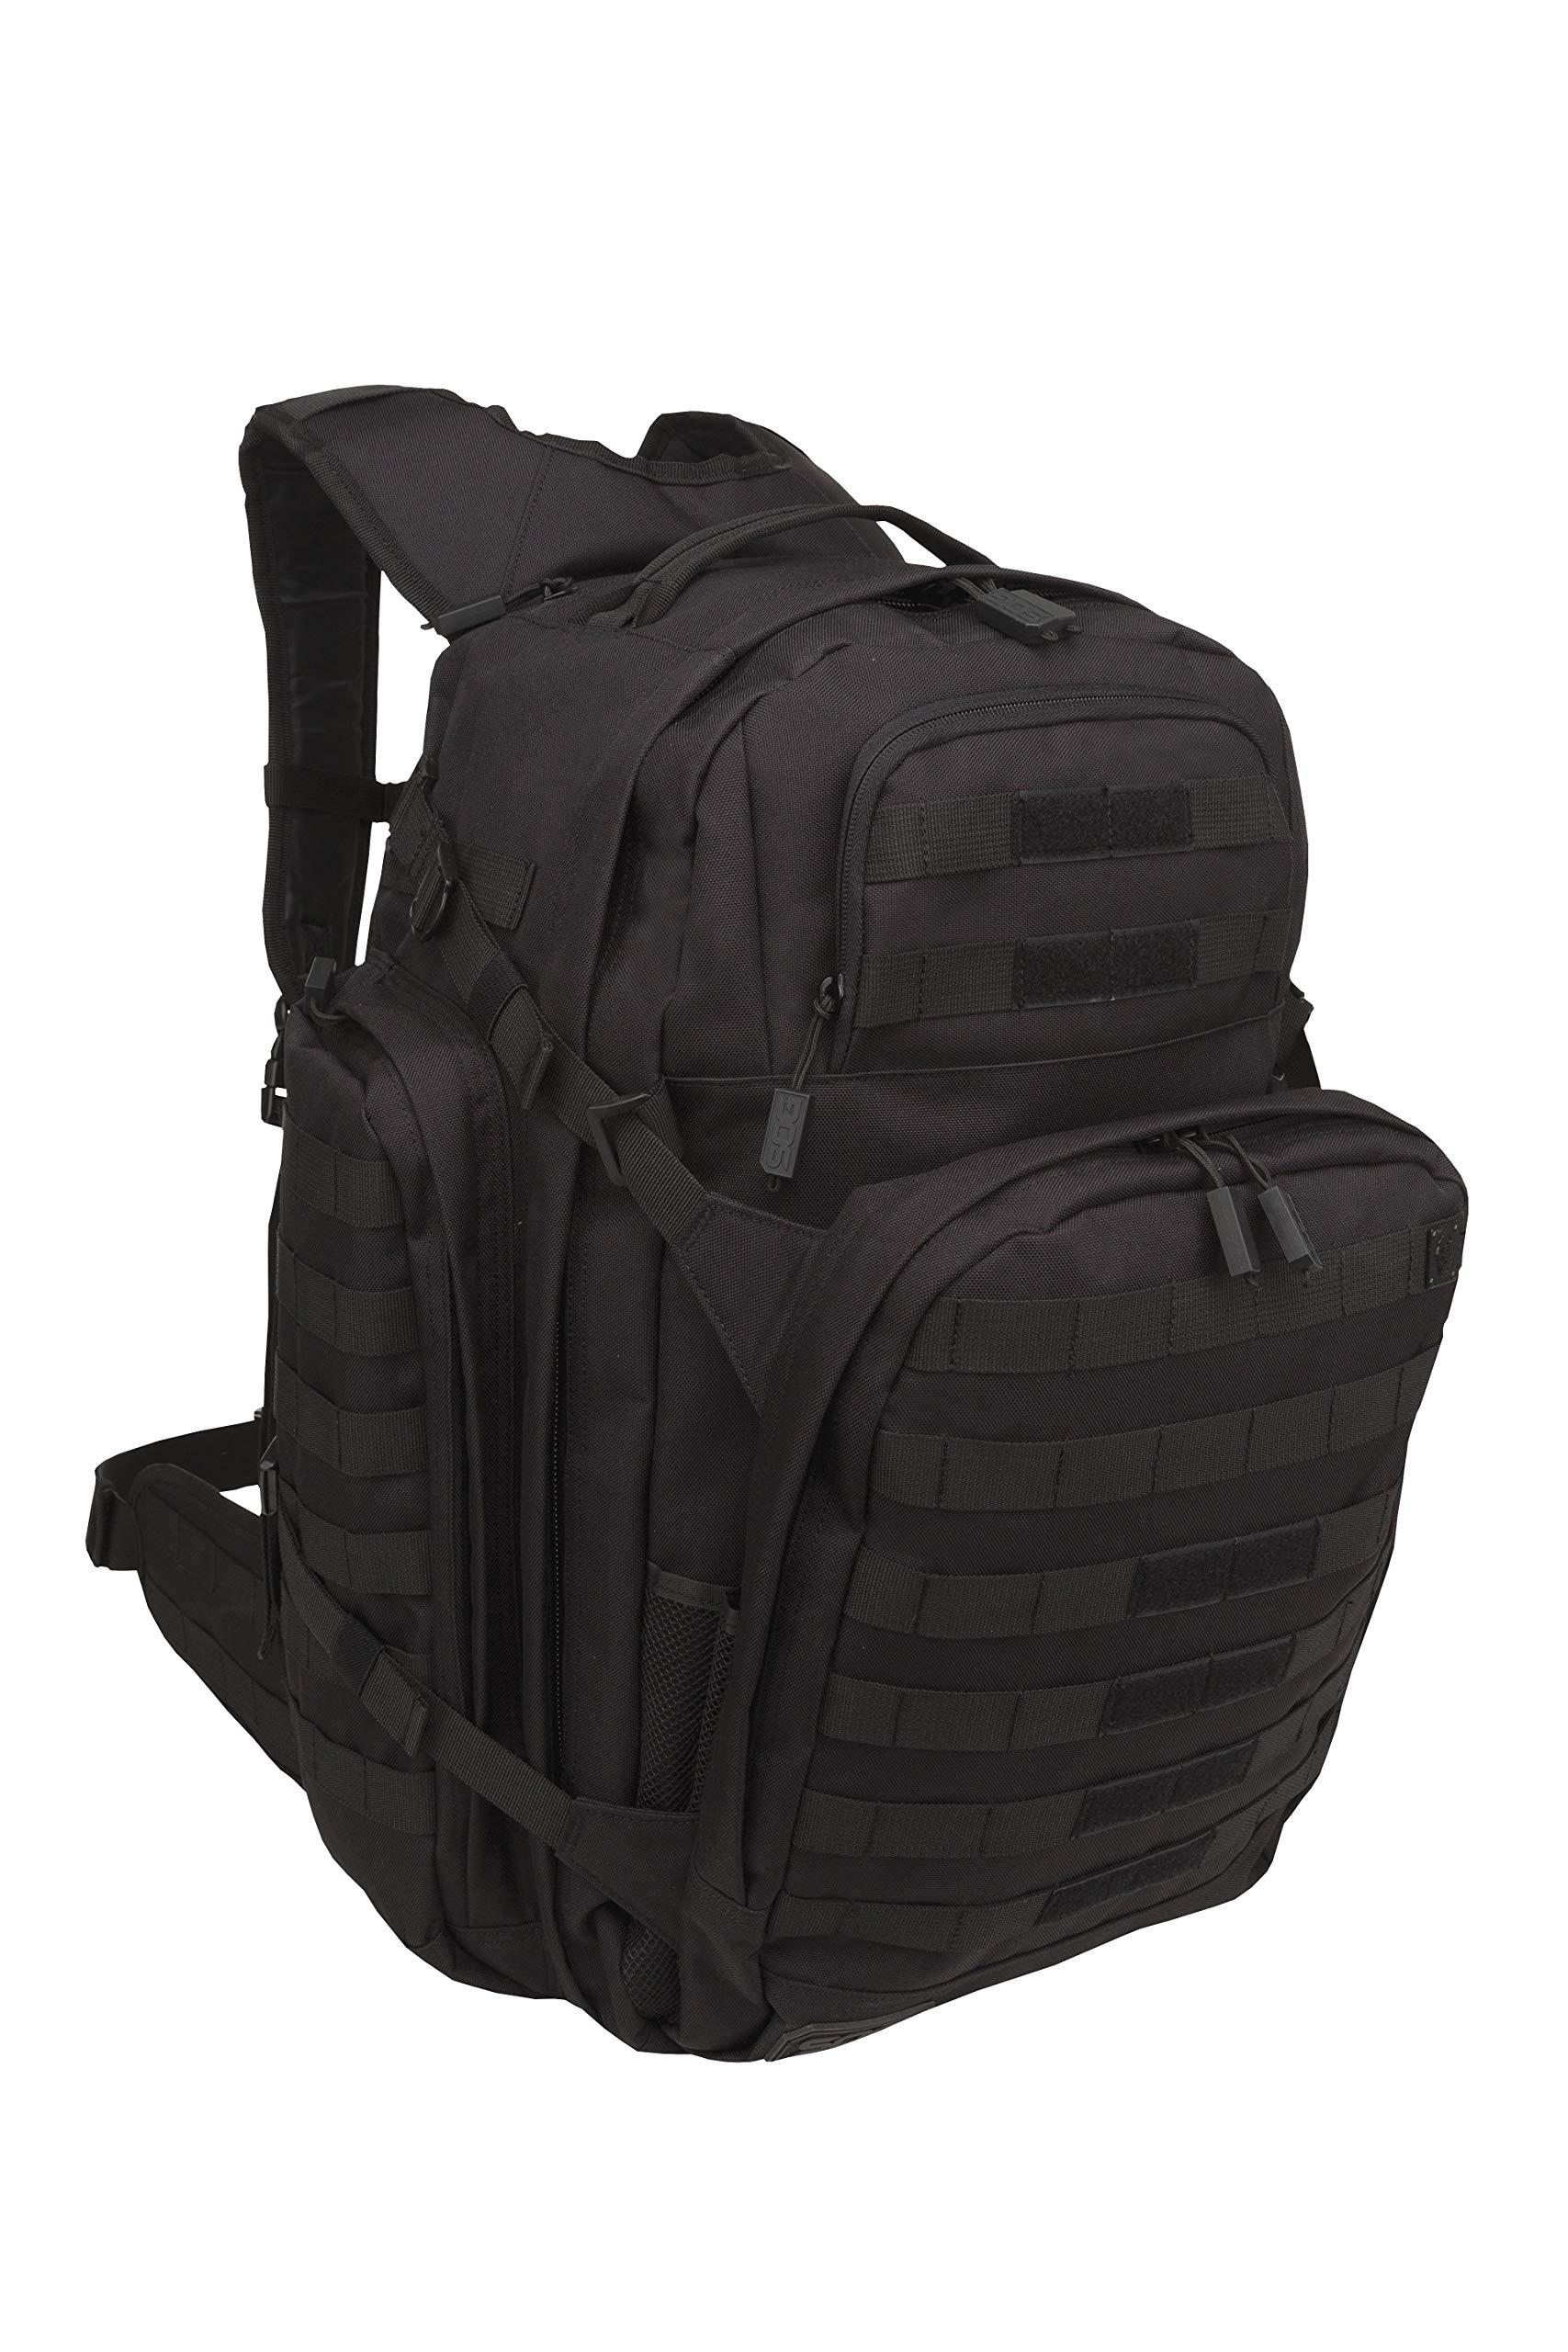 Galleon Sog Barrage Tactical Internal Frame Backpack 64